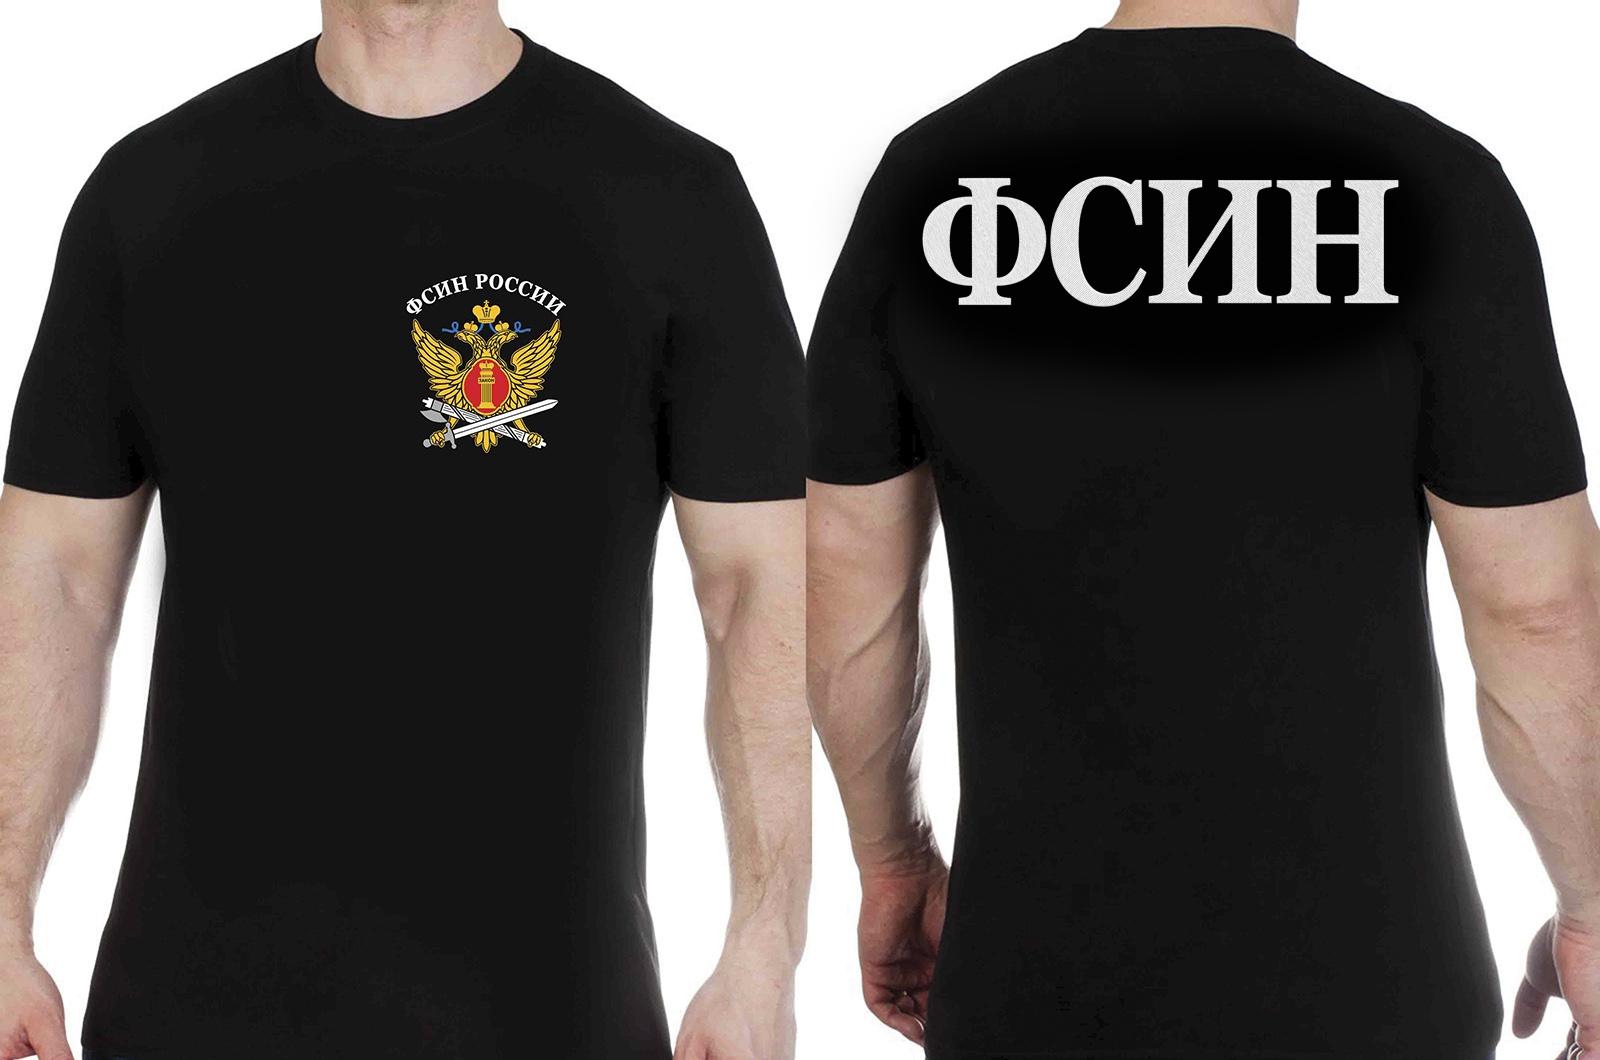 Заказать футболку с гербом ФСИН России